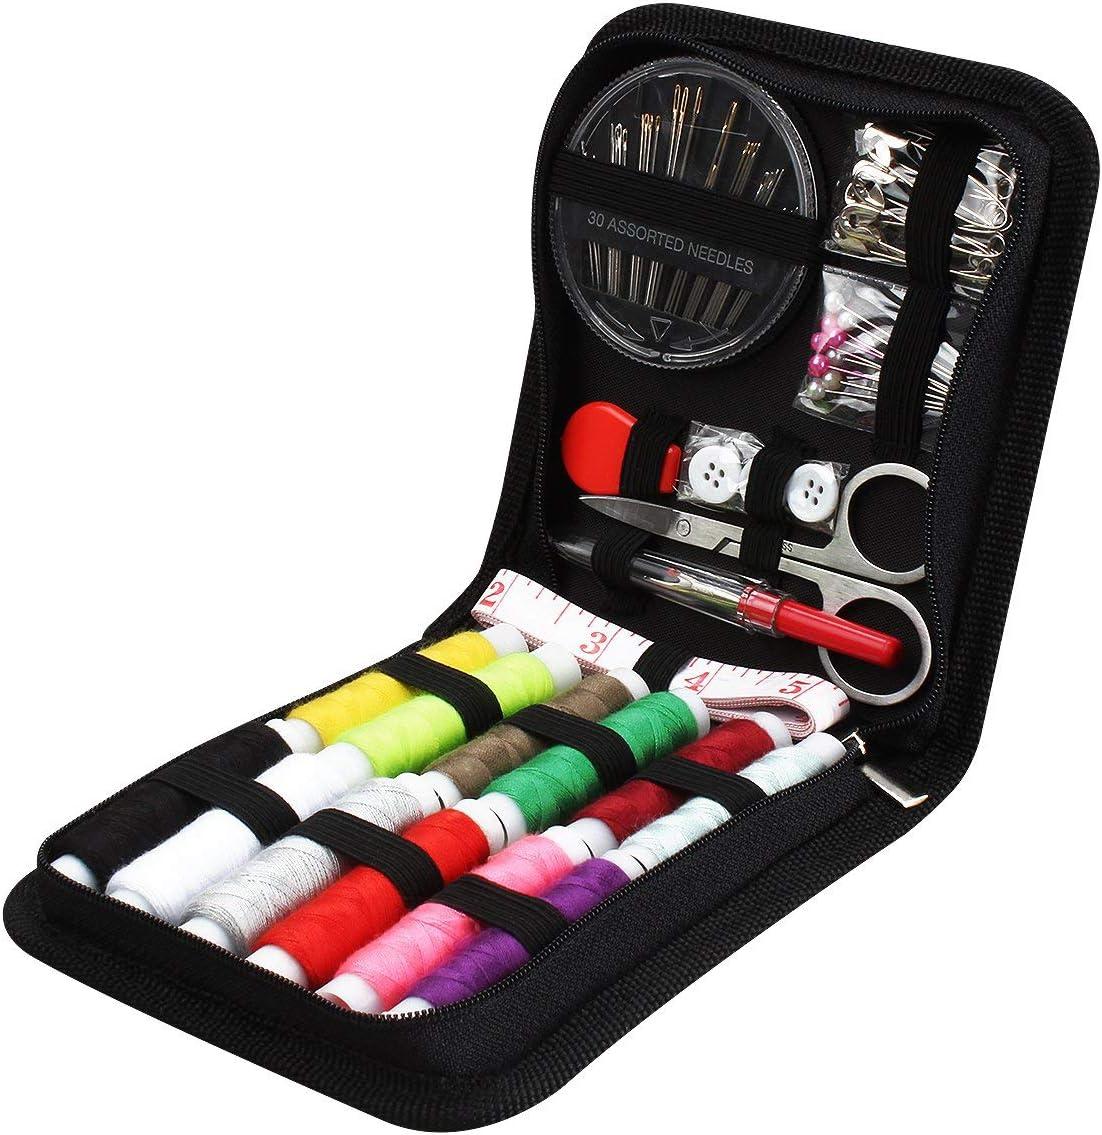 JUNING Kit de Costura,Costurero 90pcs Accesorios Costura Kit de Accesorios para el viajes y principiantes y emergencias (B-Mini)